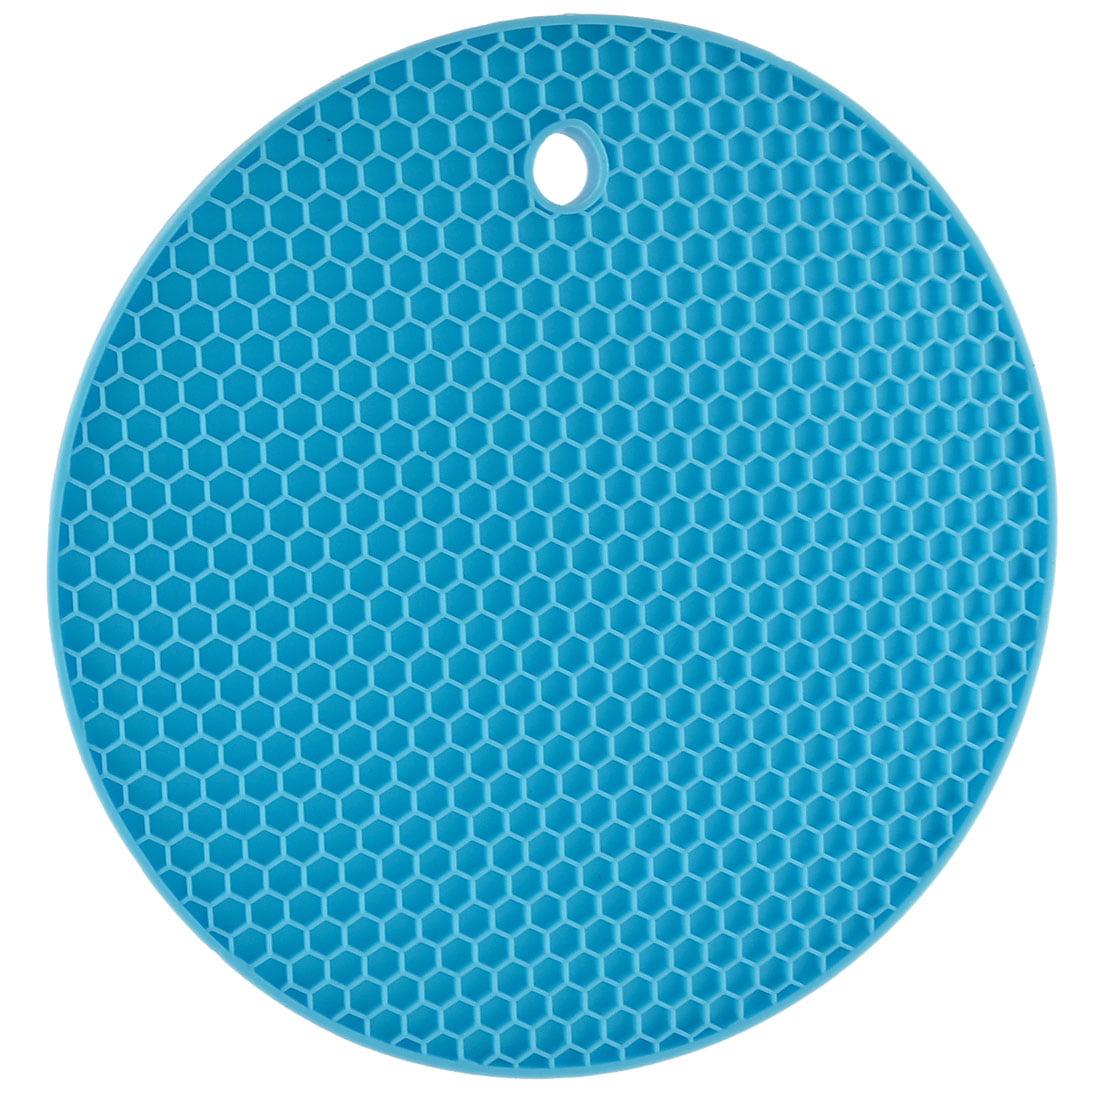 Unique Bargains Home Table Nonslip Heat Resistant Pot Mat Pad Protector - image 5 de 5